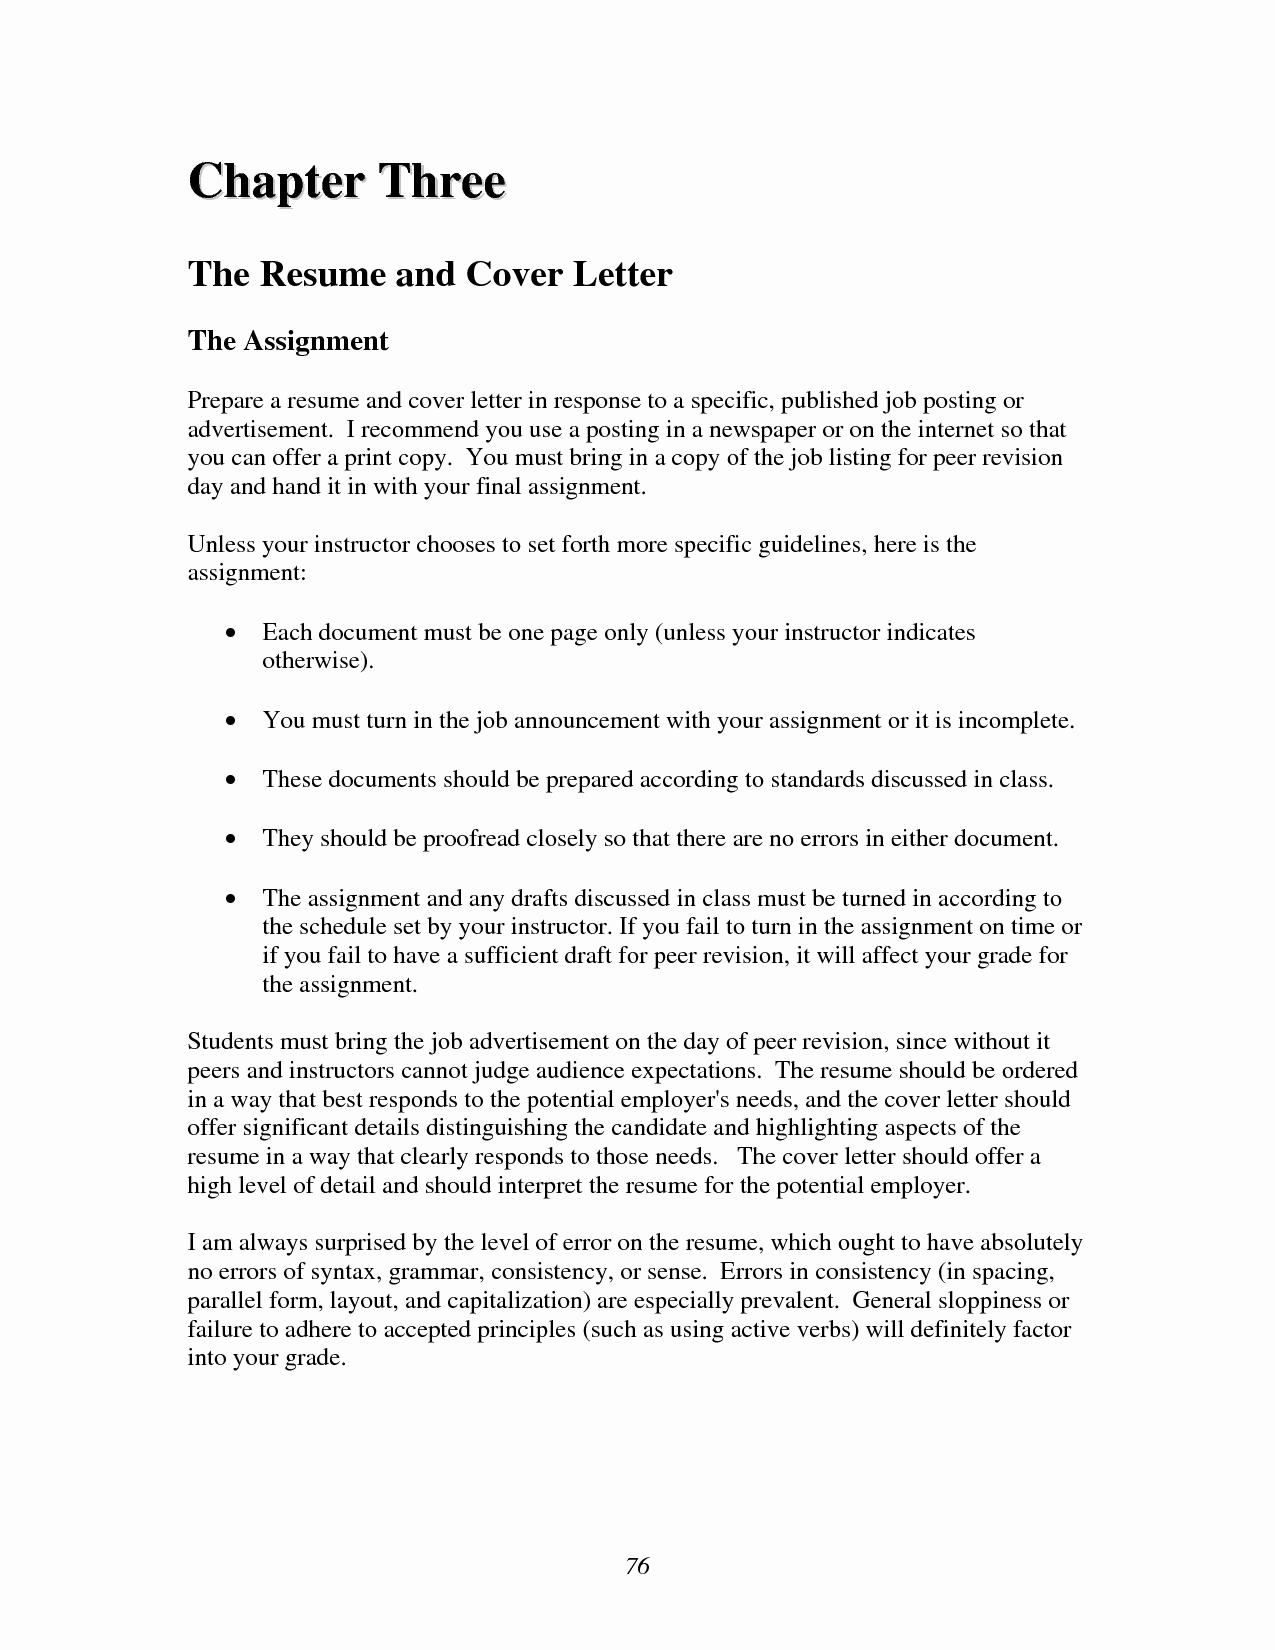 Free Cover Letter Template Google Docs - Unique Certificate Template Google Docs